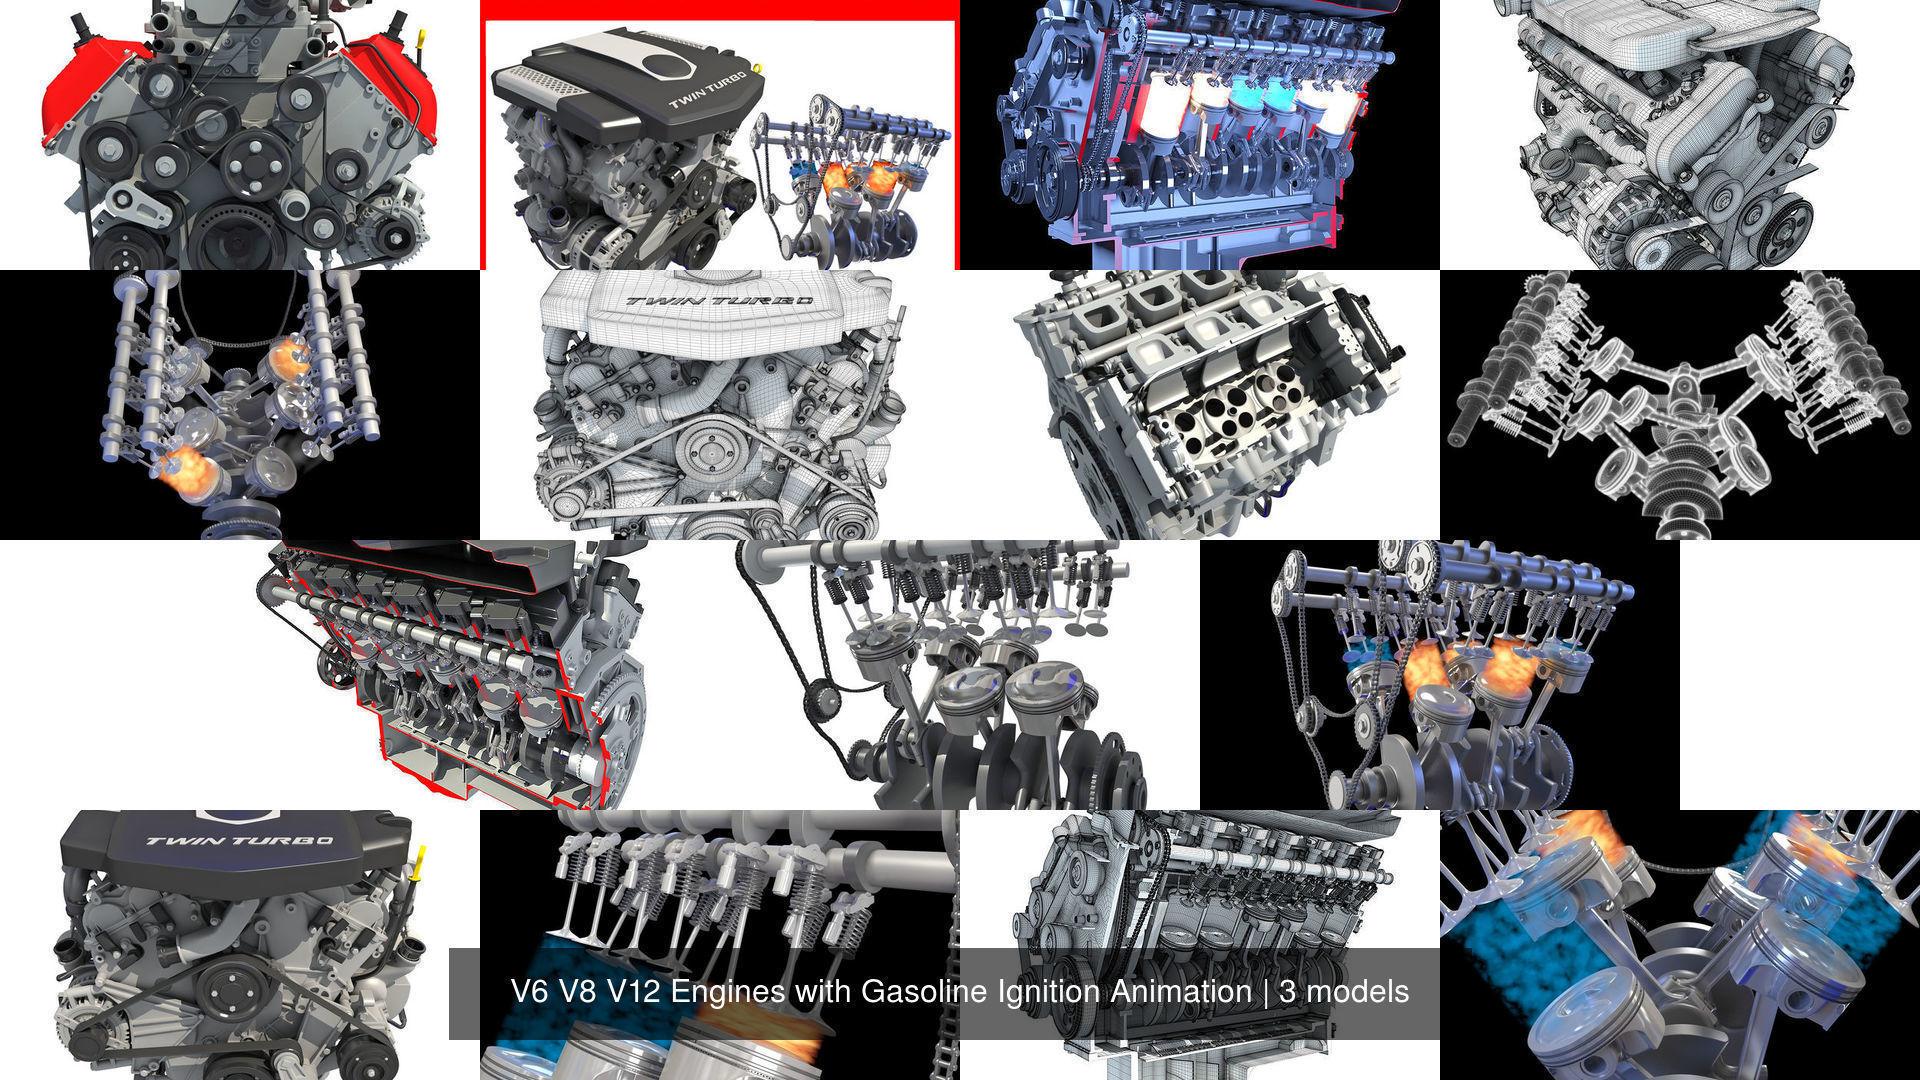 V6 V8 V12 Engines with Gasoline Ignition Animation